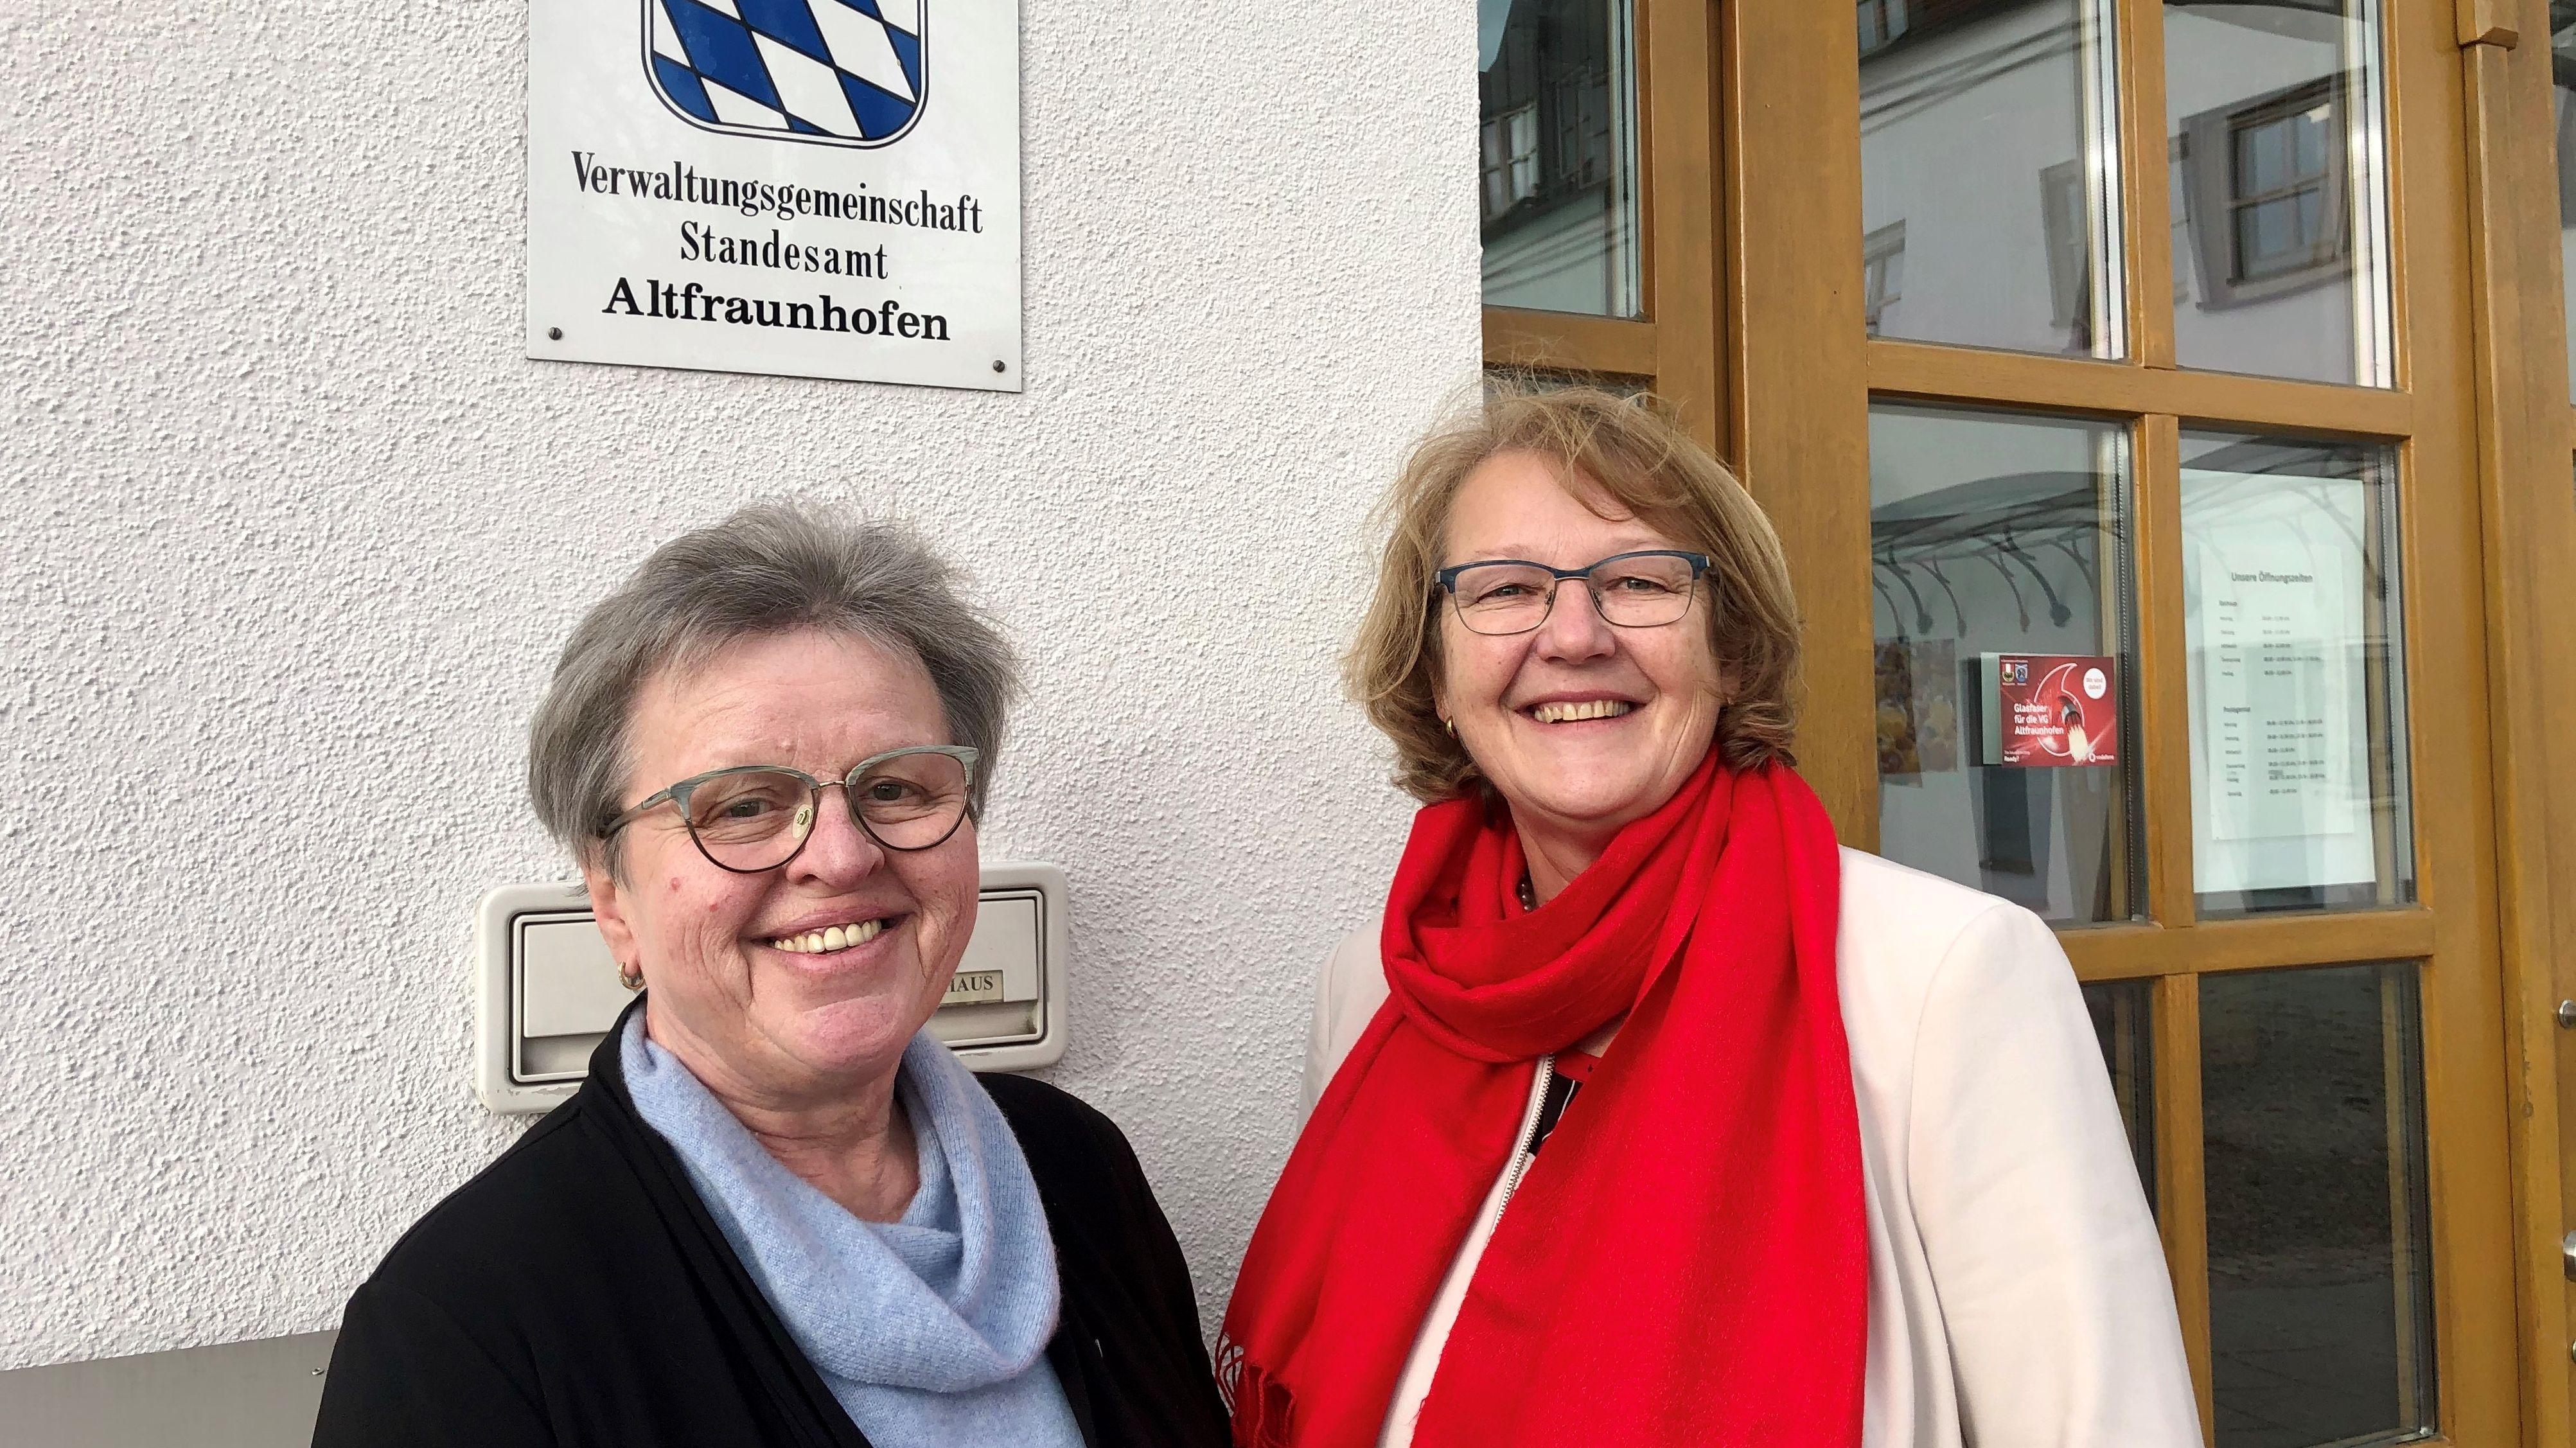 Rathaus-Chefinnen in Altfraunhofen und Baierbach: Katharina Rottenwallner und Luise Hausberger